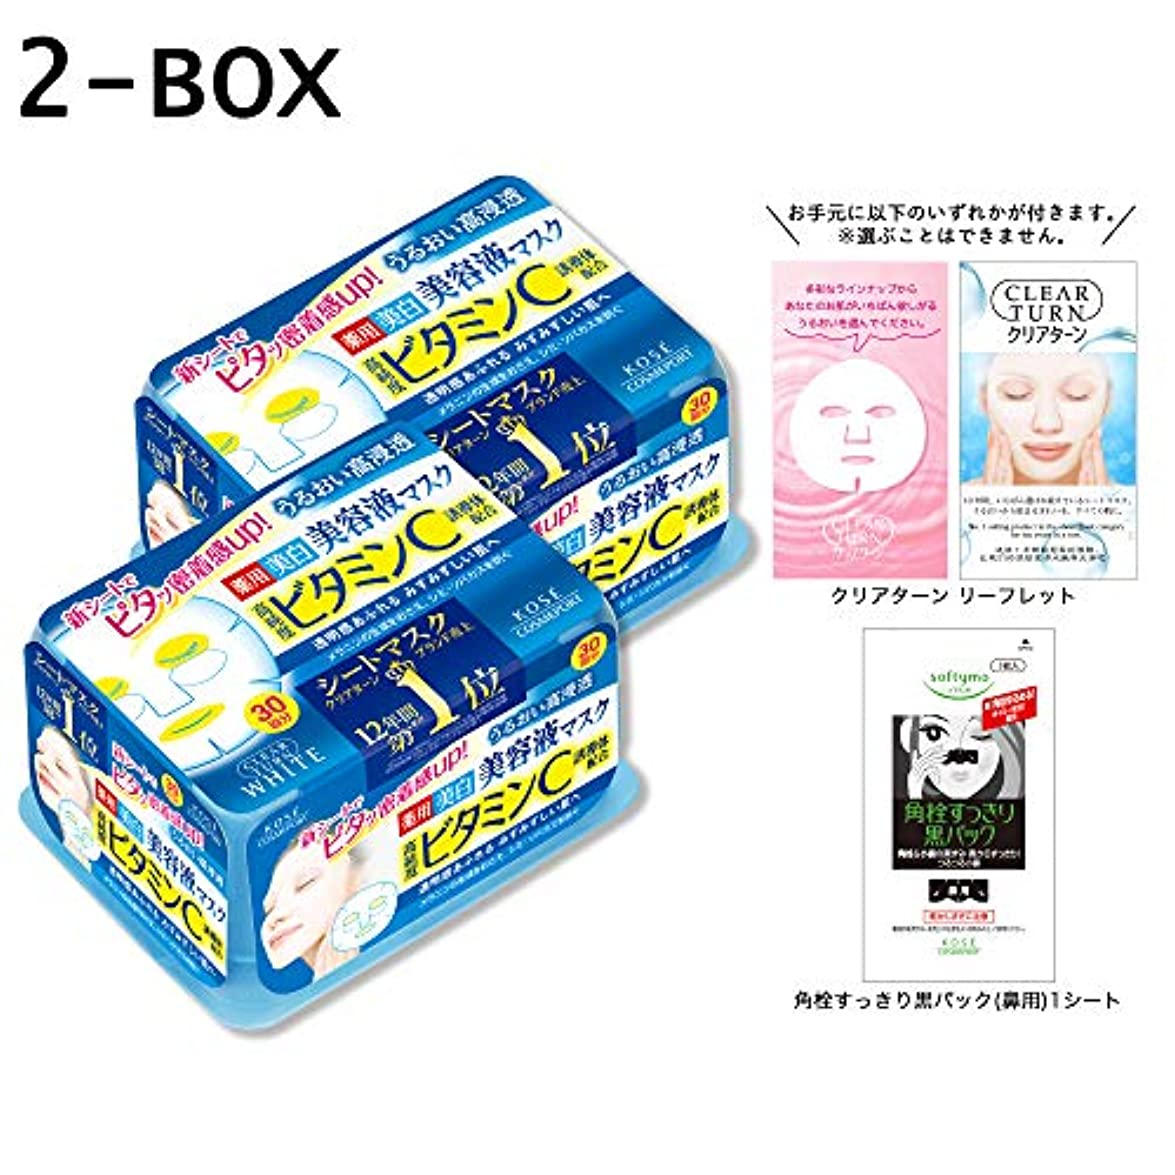 【Amazon.co.jp限定】KOSE クリアターン エッセンスマスク (ビタミンC) 30回 2P+おまけ フェイスマスク (医薬部外品)